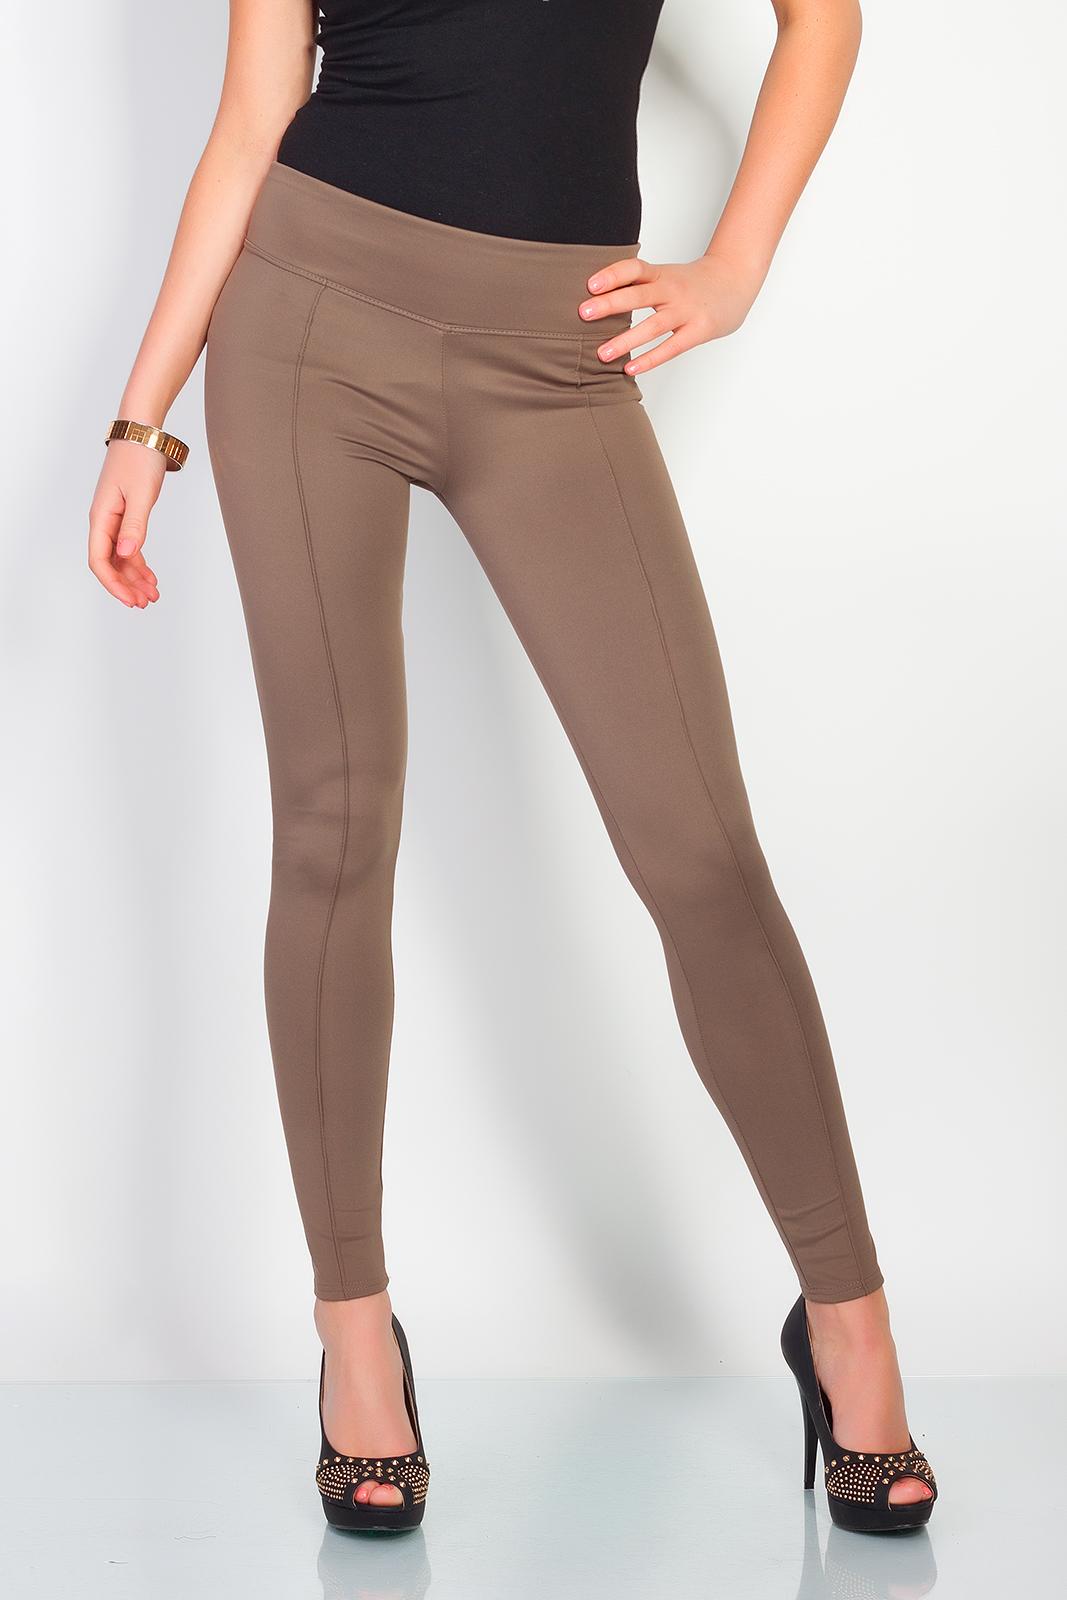 Úzké kalhoty, styl džegíny, cappucino, jednotná